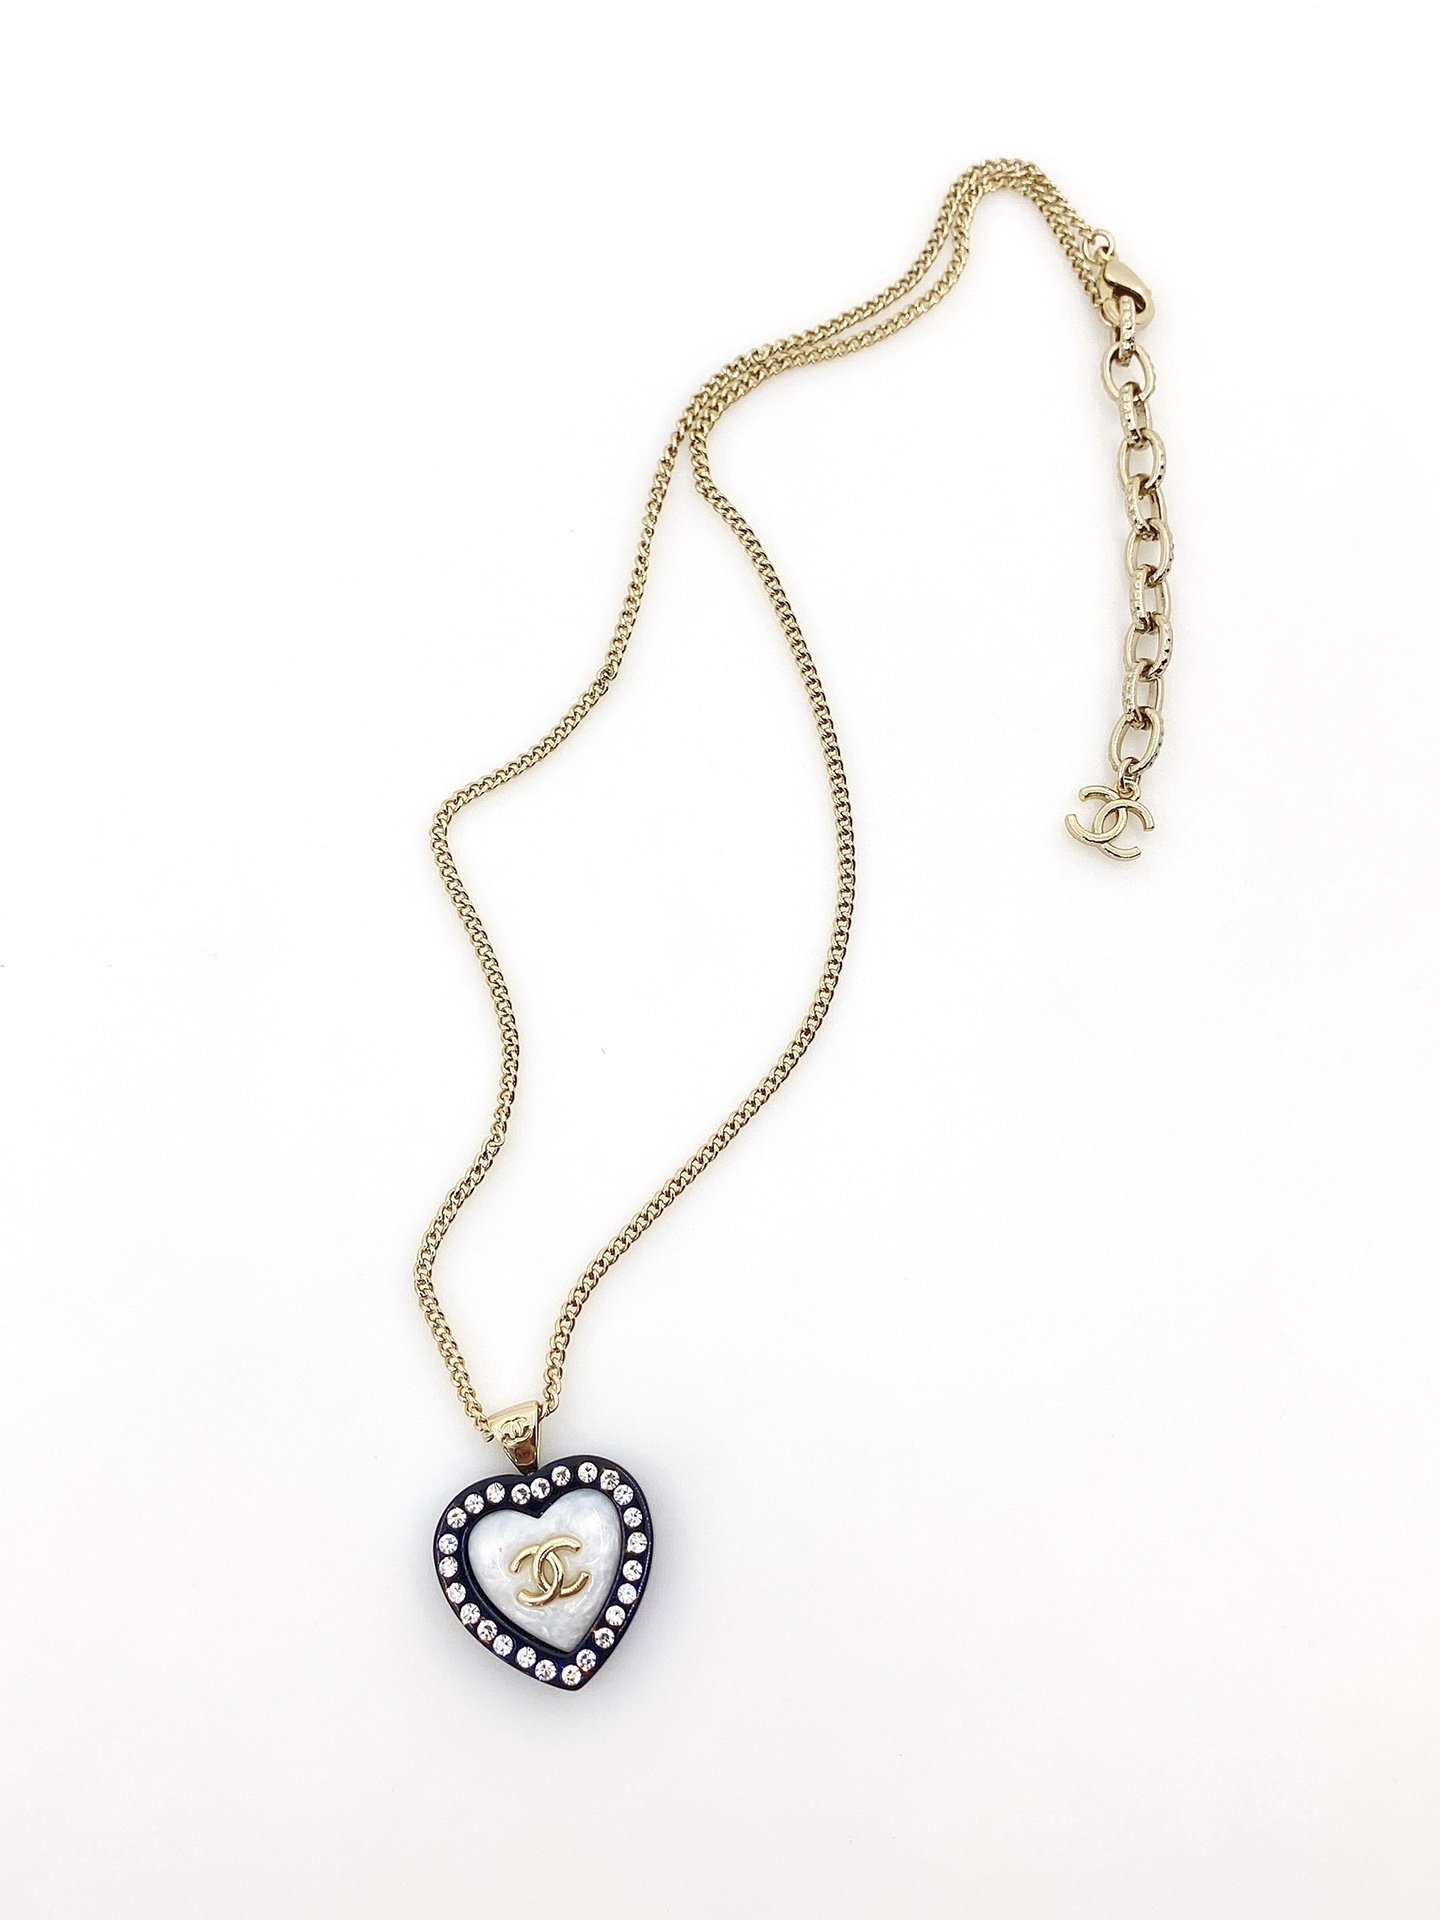 Chanel最新款爱心项链一致zP材